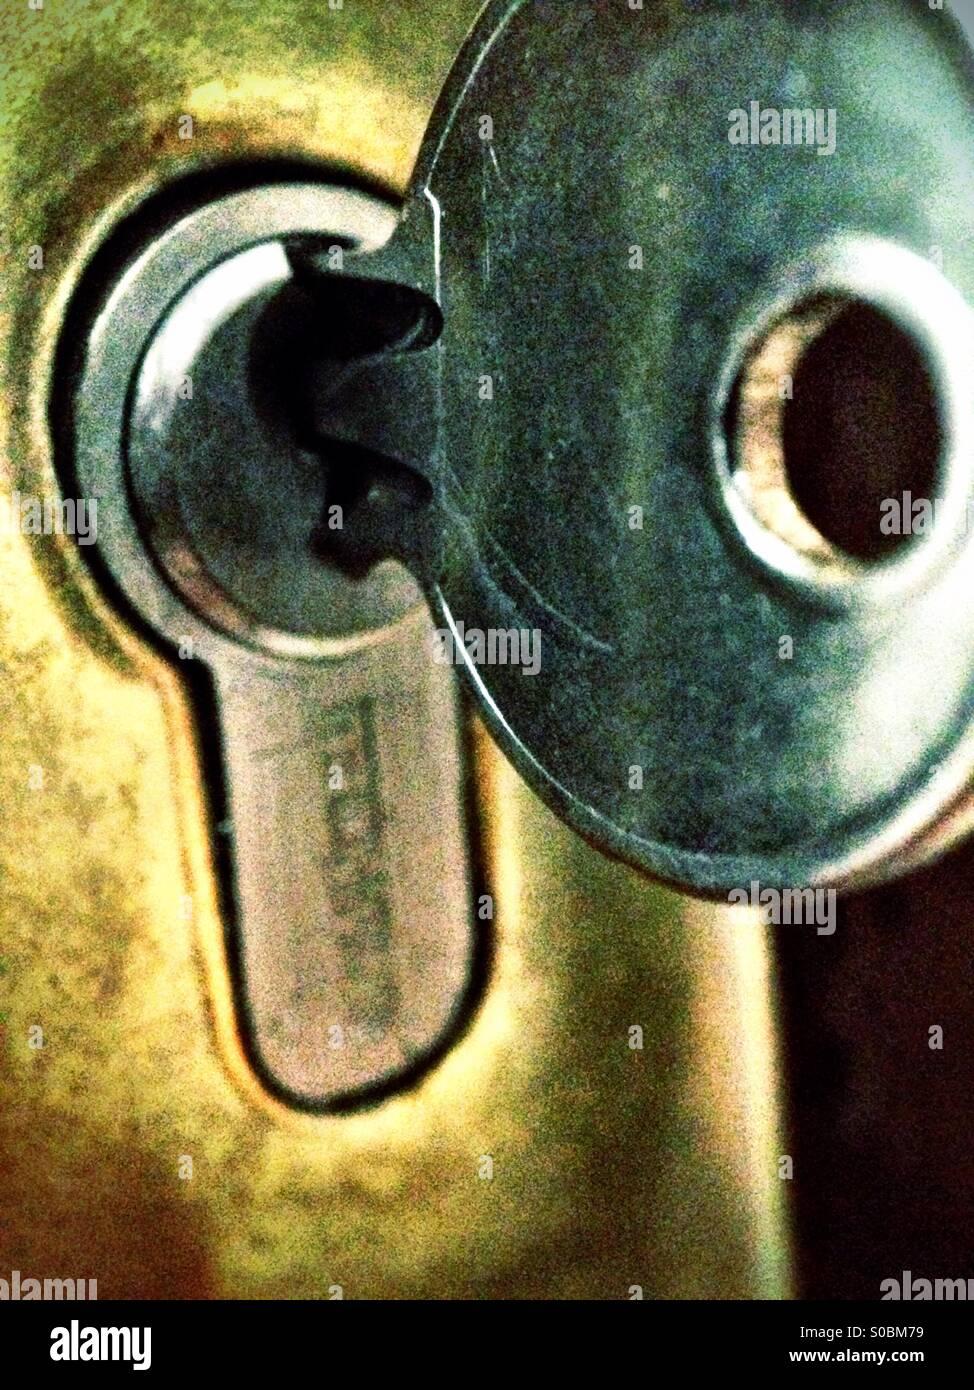 Schlüssel in Schloss Stockbild